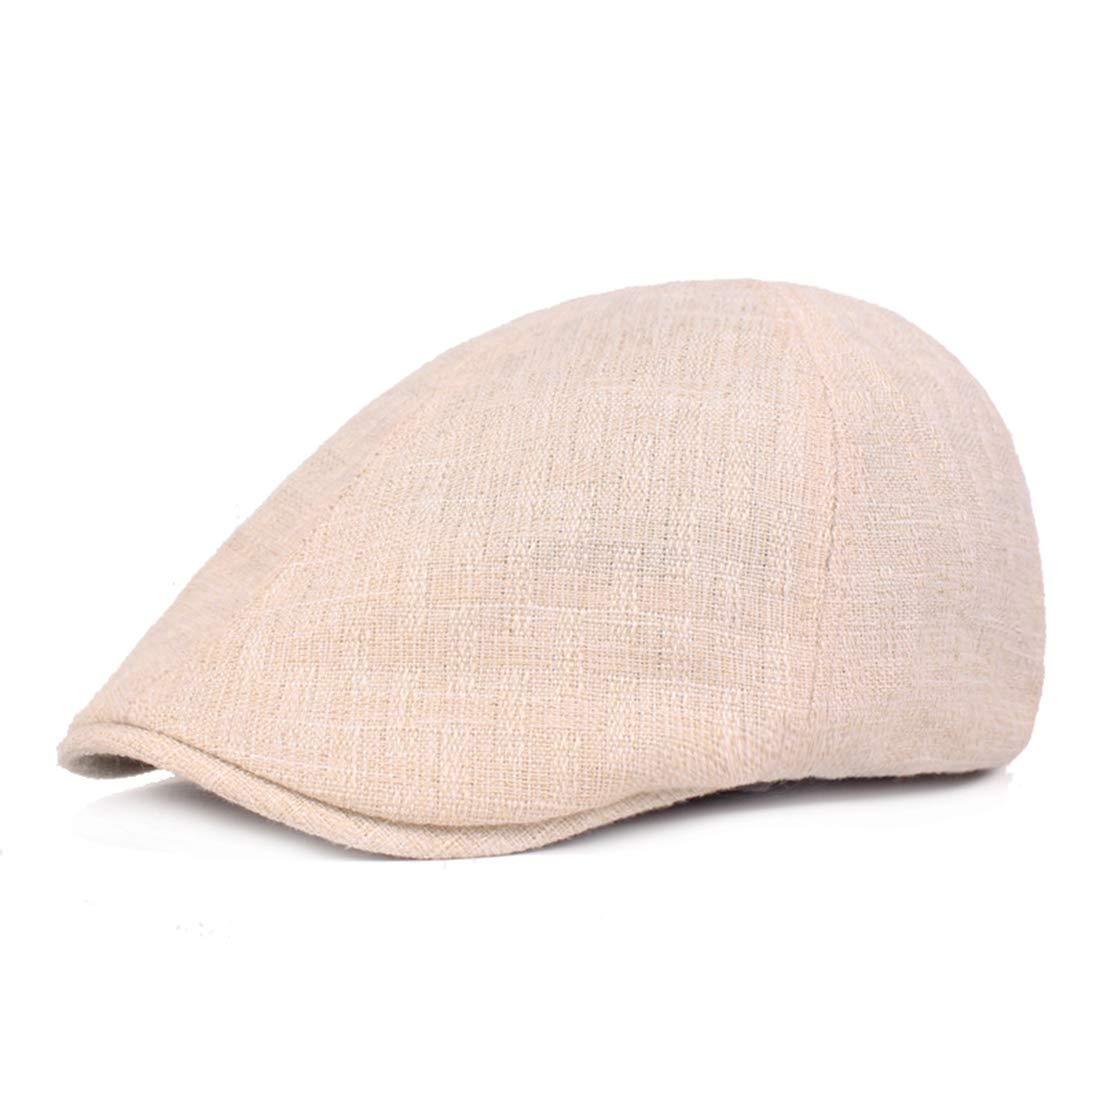 Charmylo Herren Baskenm/ütze Maler Baumwolle und Leinen Schirmm/ütze Reine Farbe Achteckige Kappe Schl/ägerm/ütze Newsboy Hat Flatcap